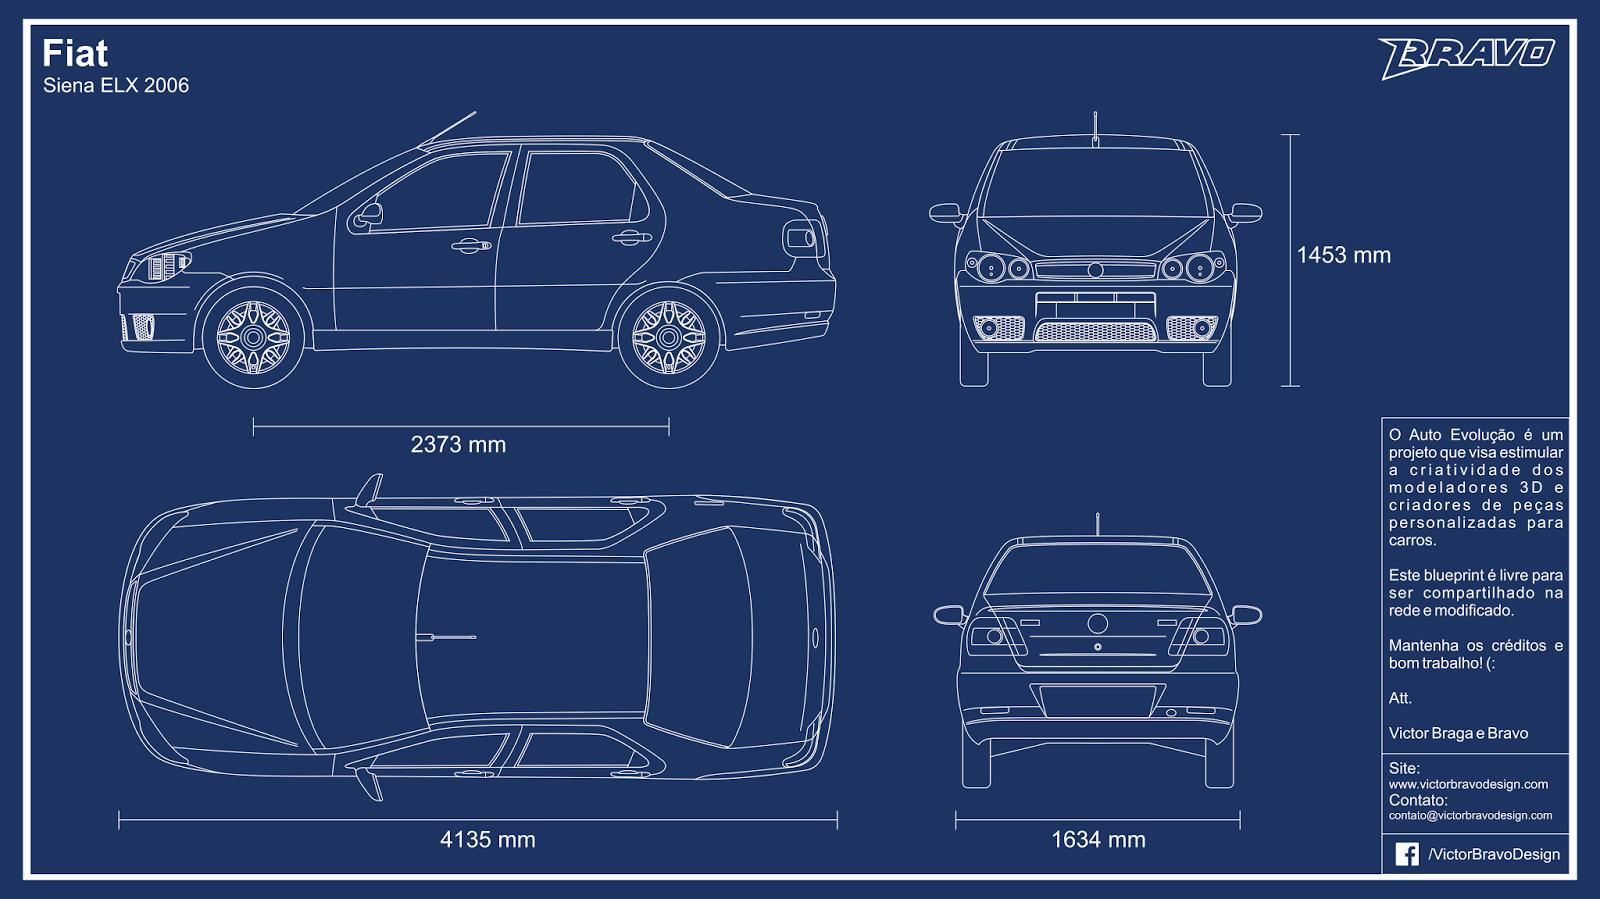 Imagem mostrando o desenho do Blueprint Fiat Siena ELX 2006